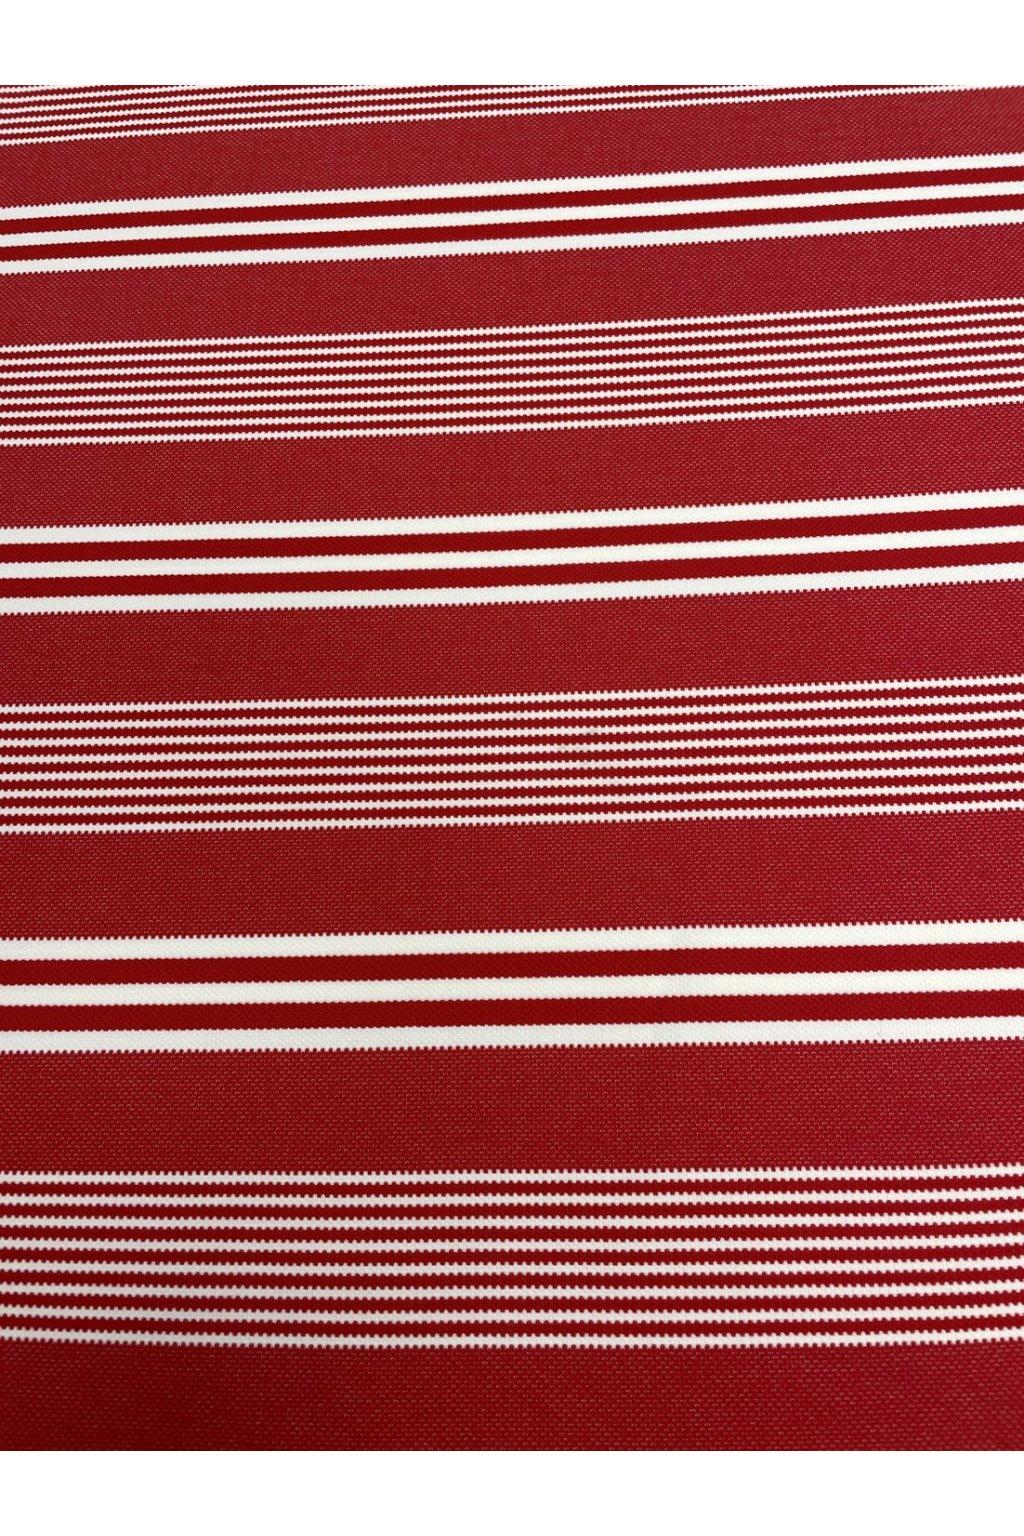 Úplet červeno-bílý pruh